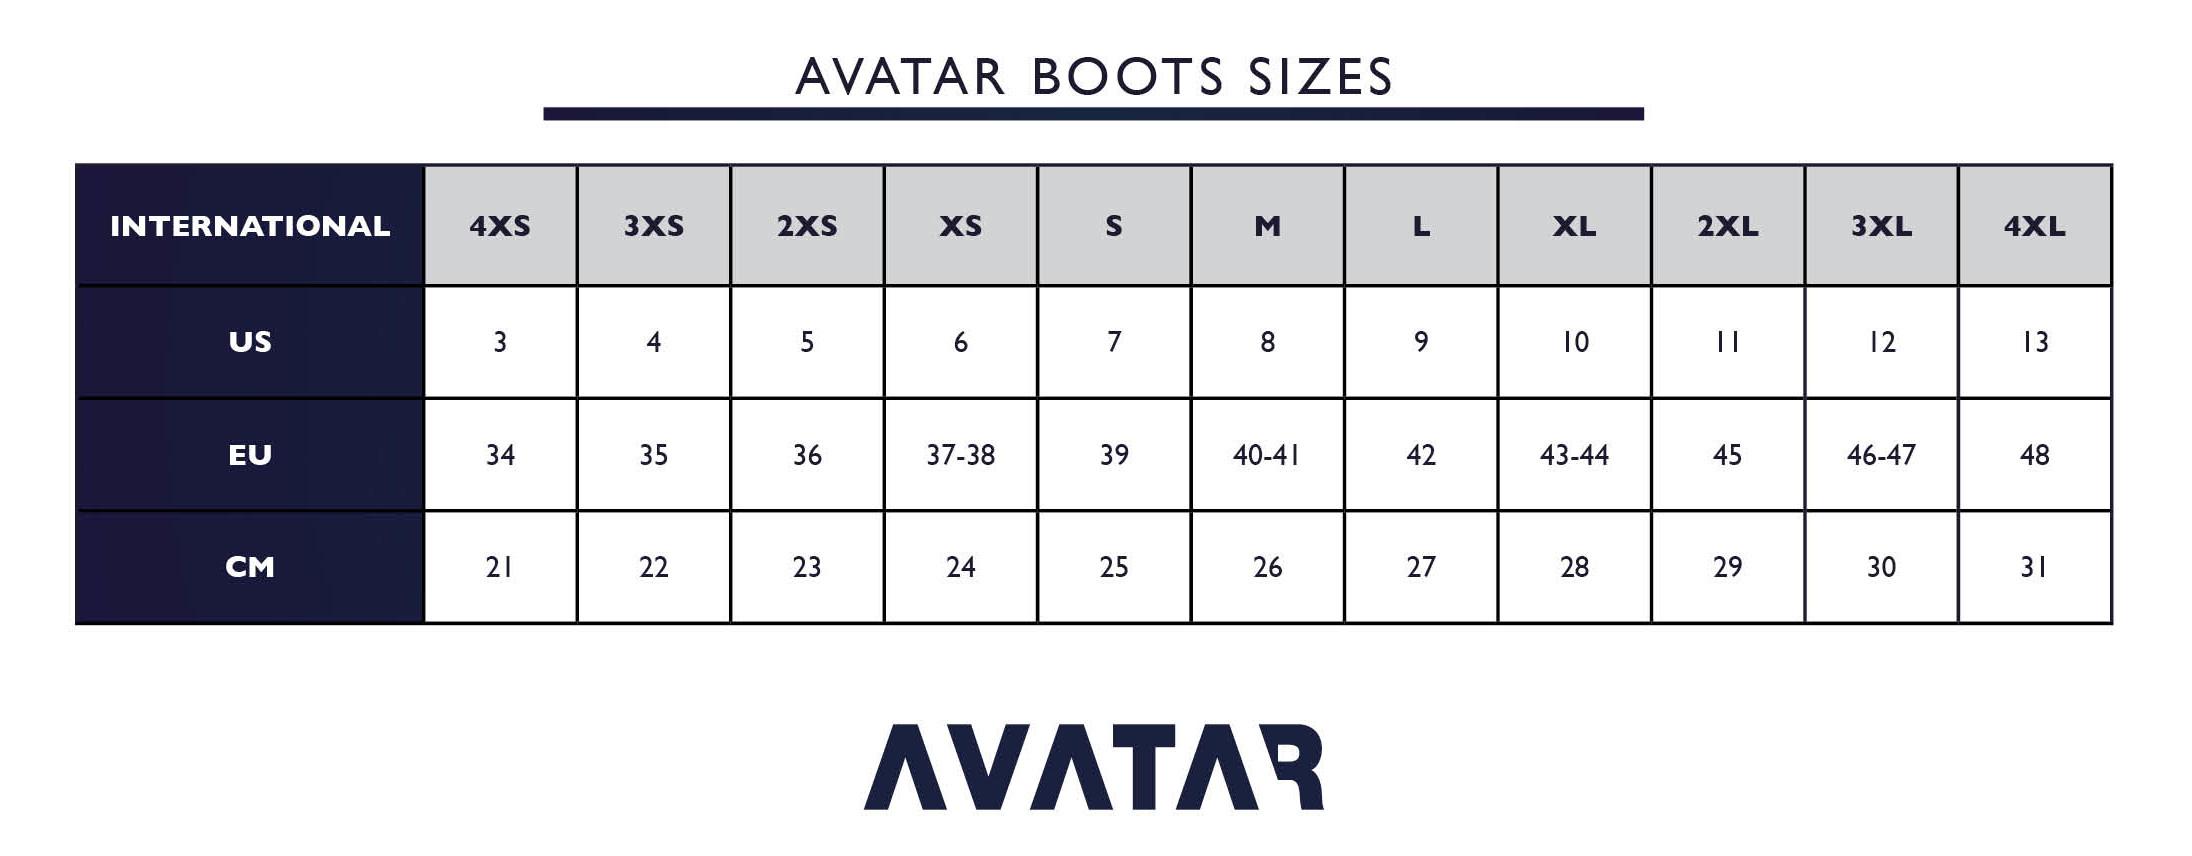 size_avatar_boots_en